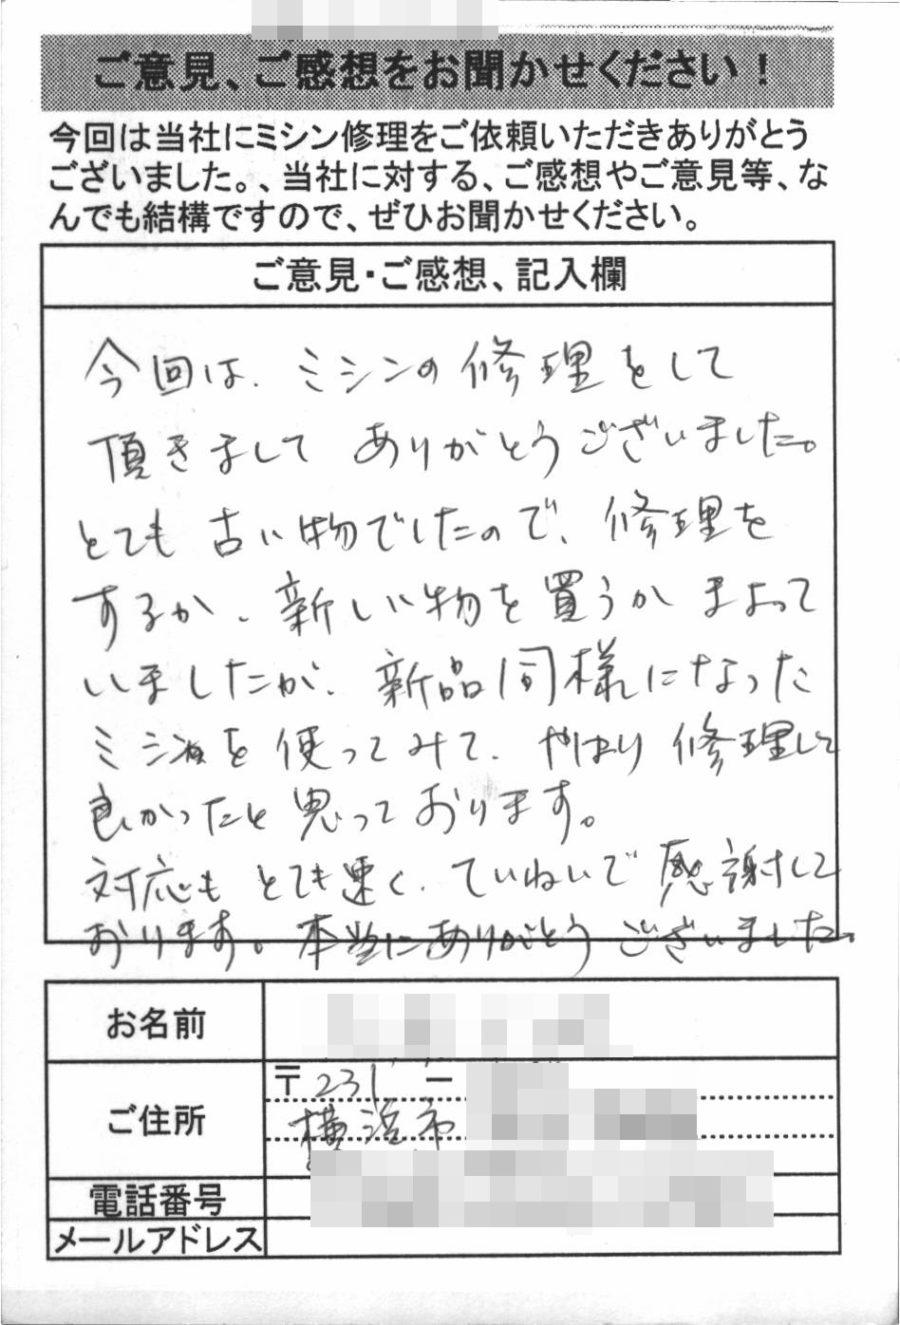 横浜市からミシン修理のお客様の声